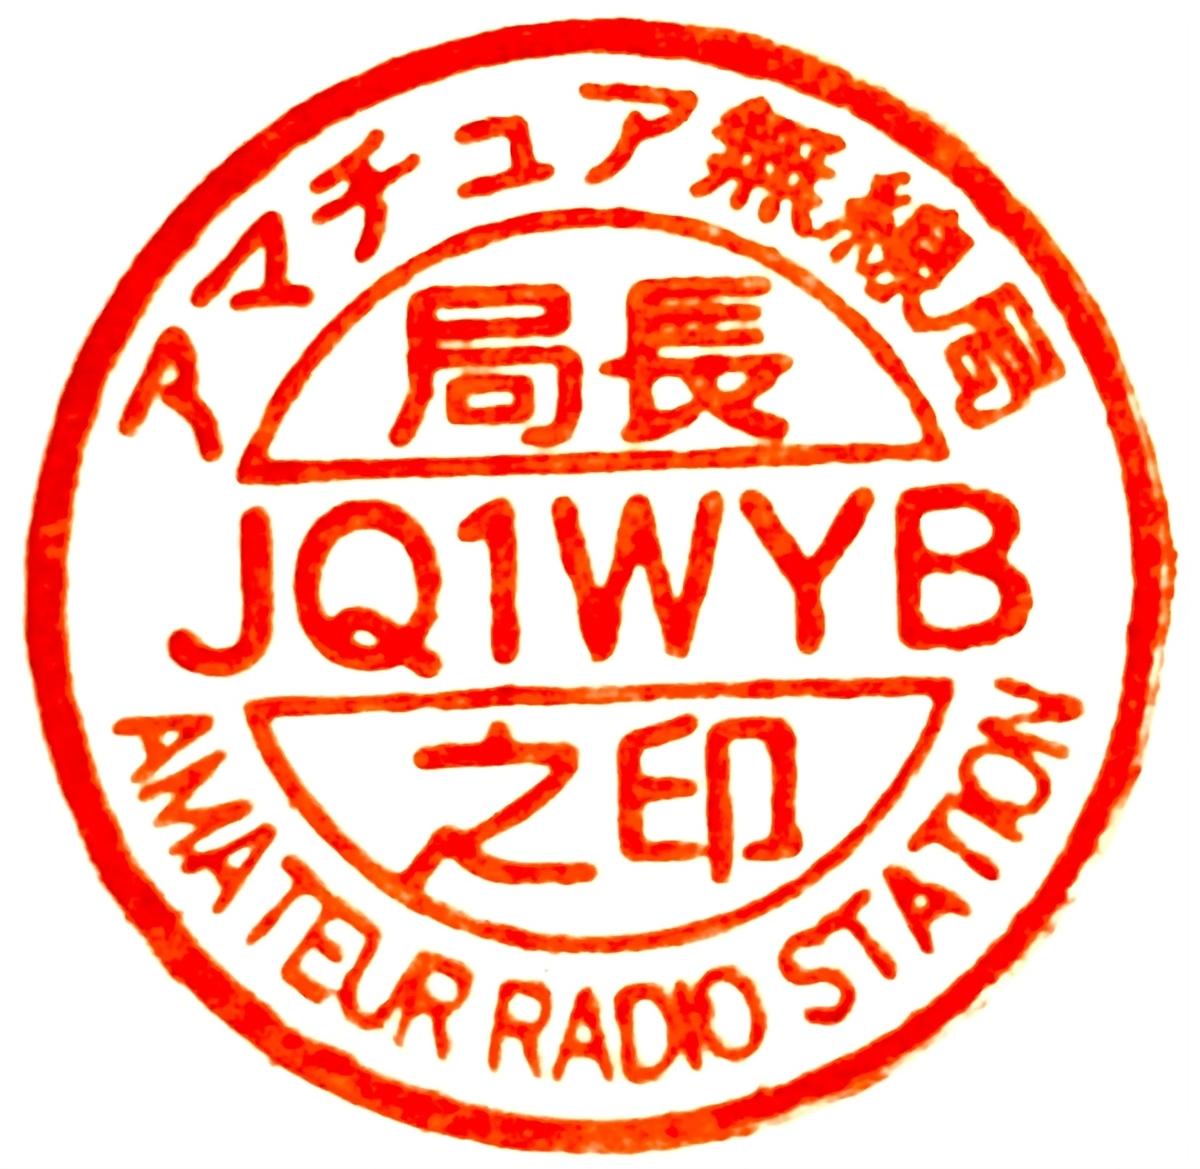 f:id:Jq1Wyb:20210111002207j:plain